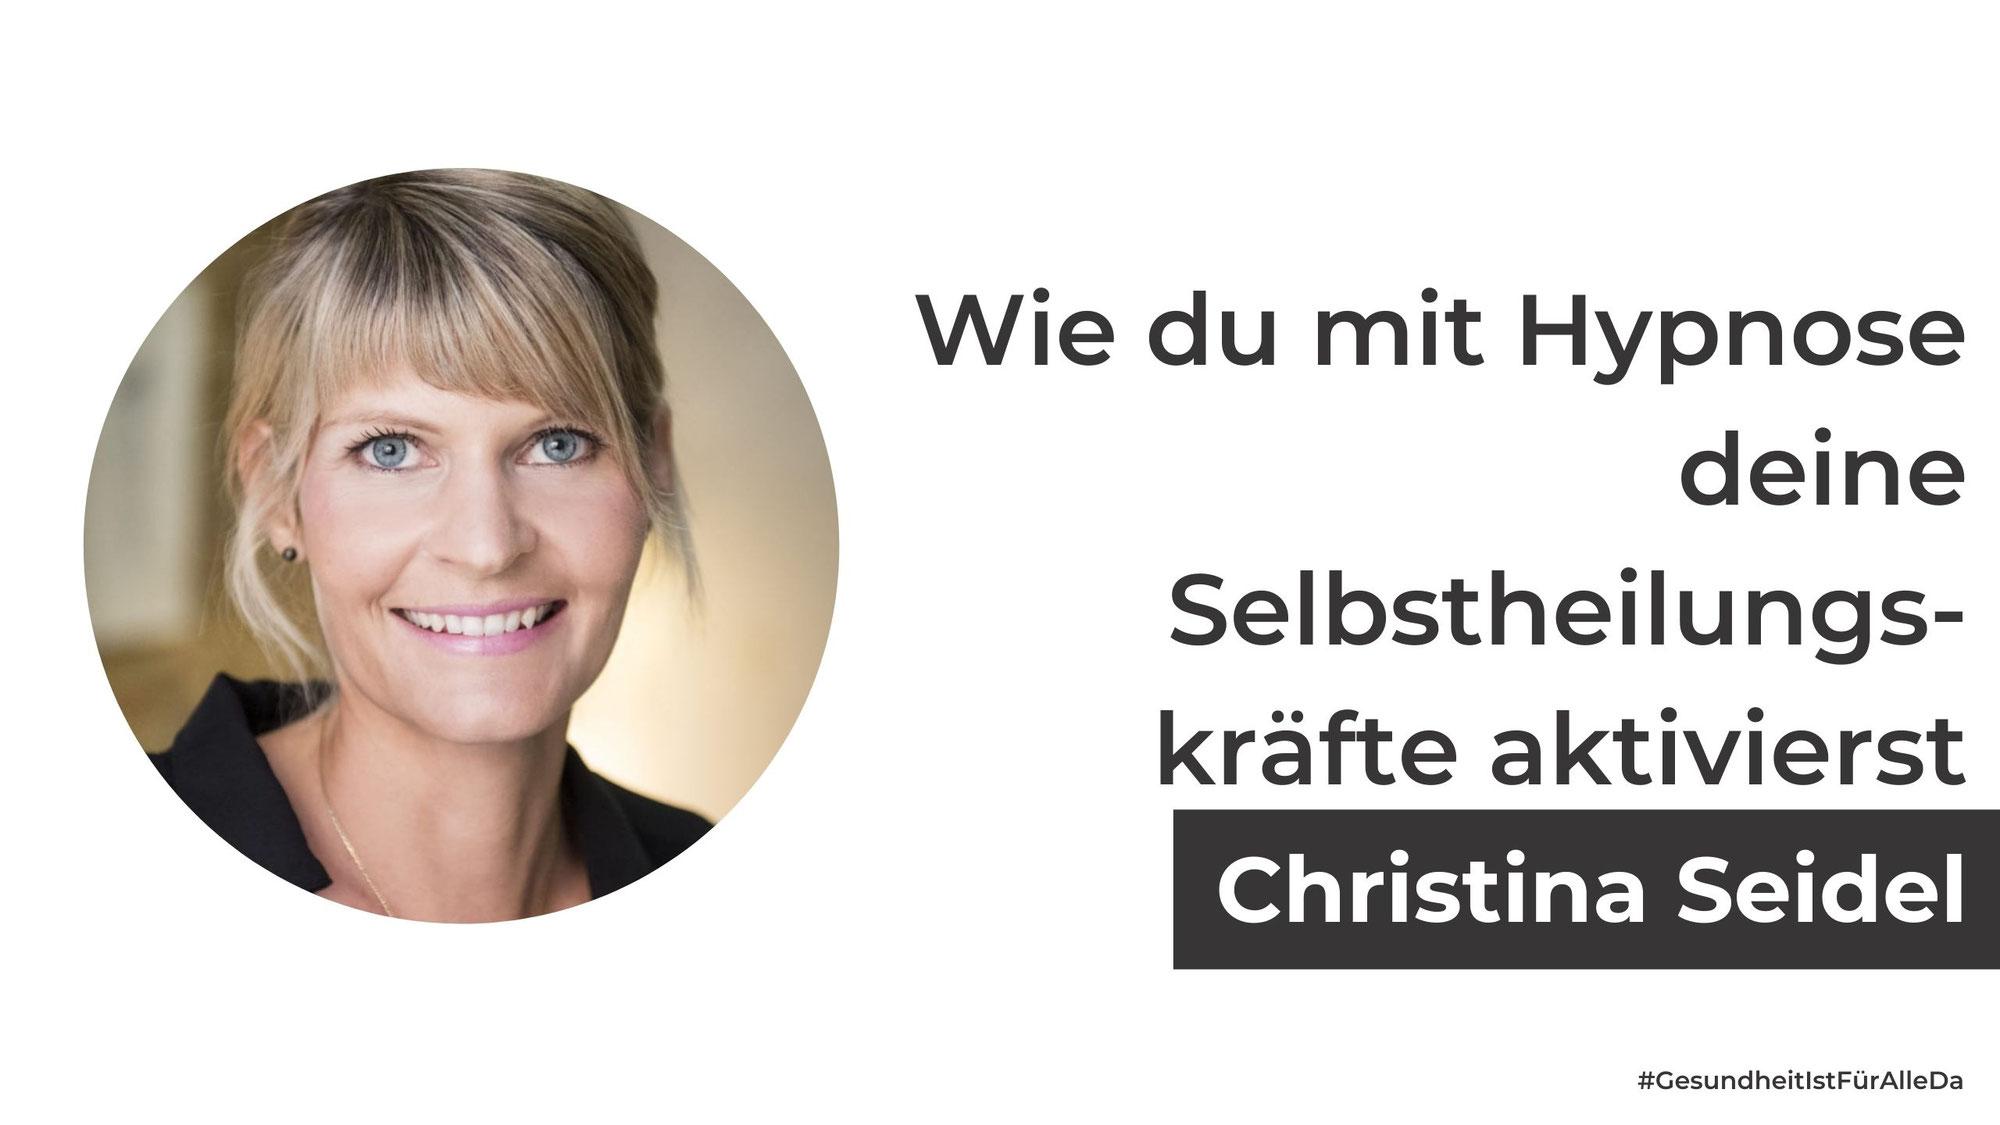 Christina Seidel